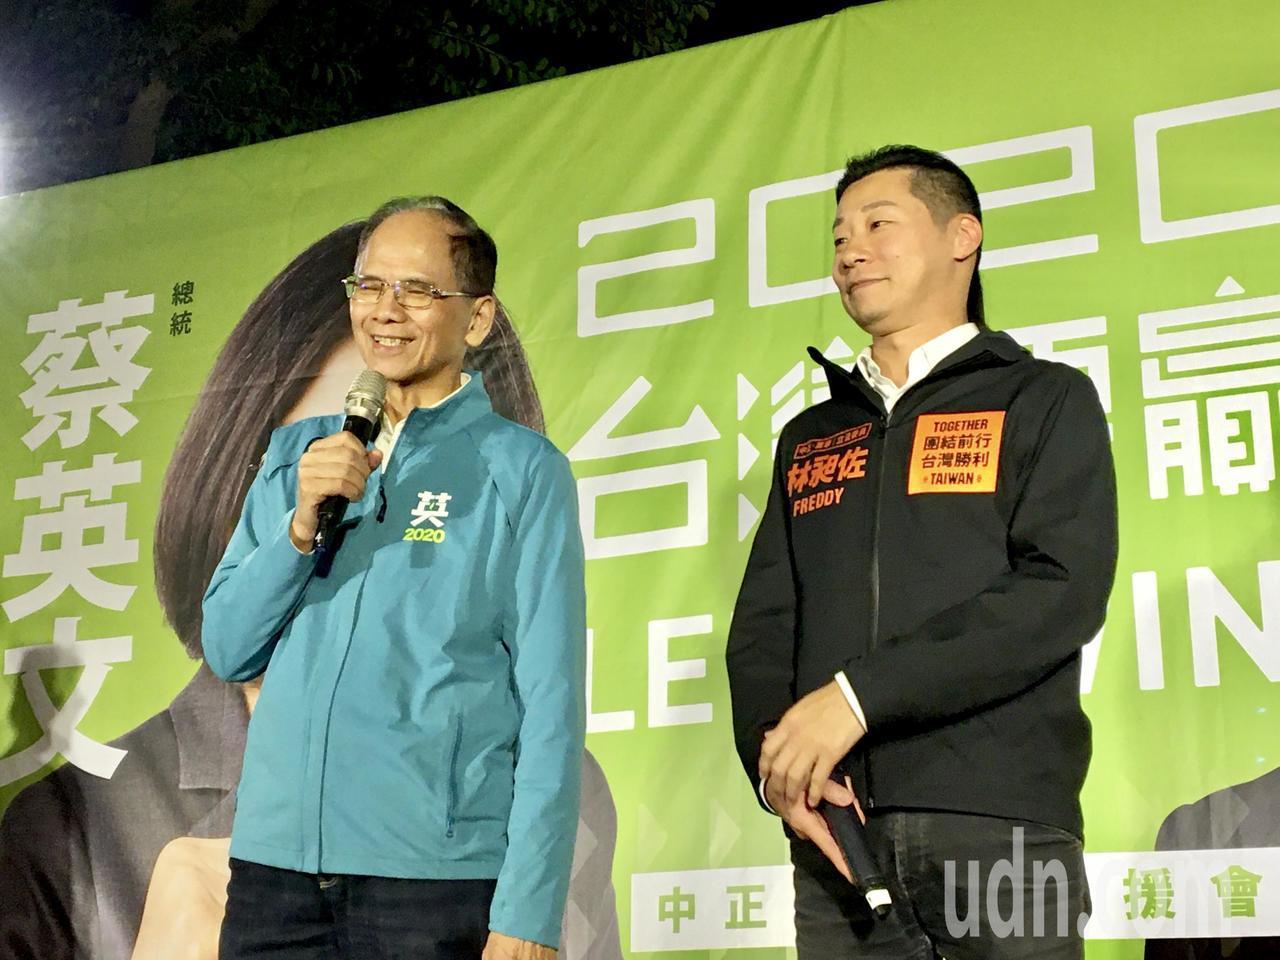 游錫堃今晚現身林昶佐造勢活動,游說,林這4年來無論是堅持台灣主權或選區基層建設都...